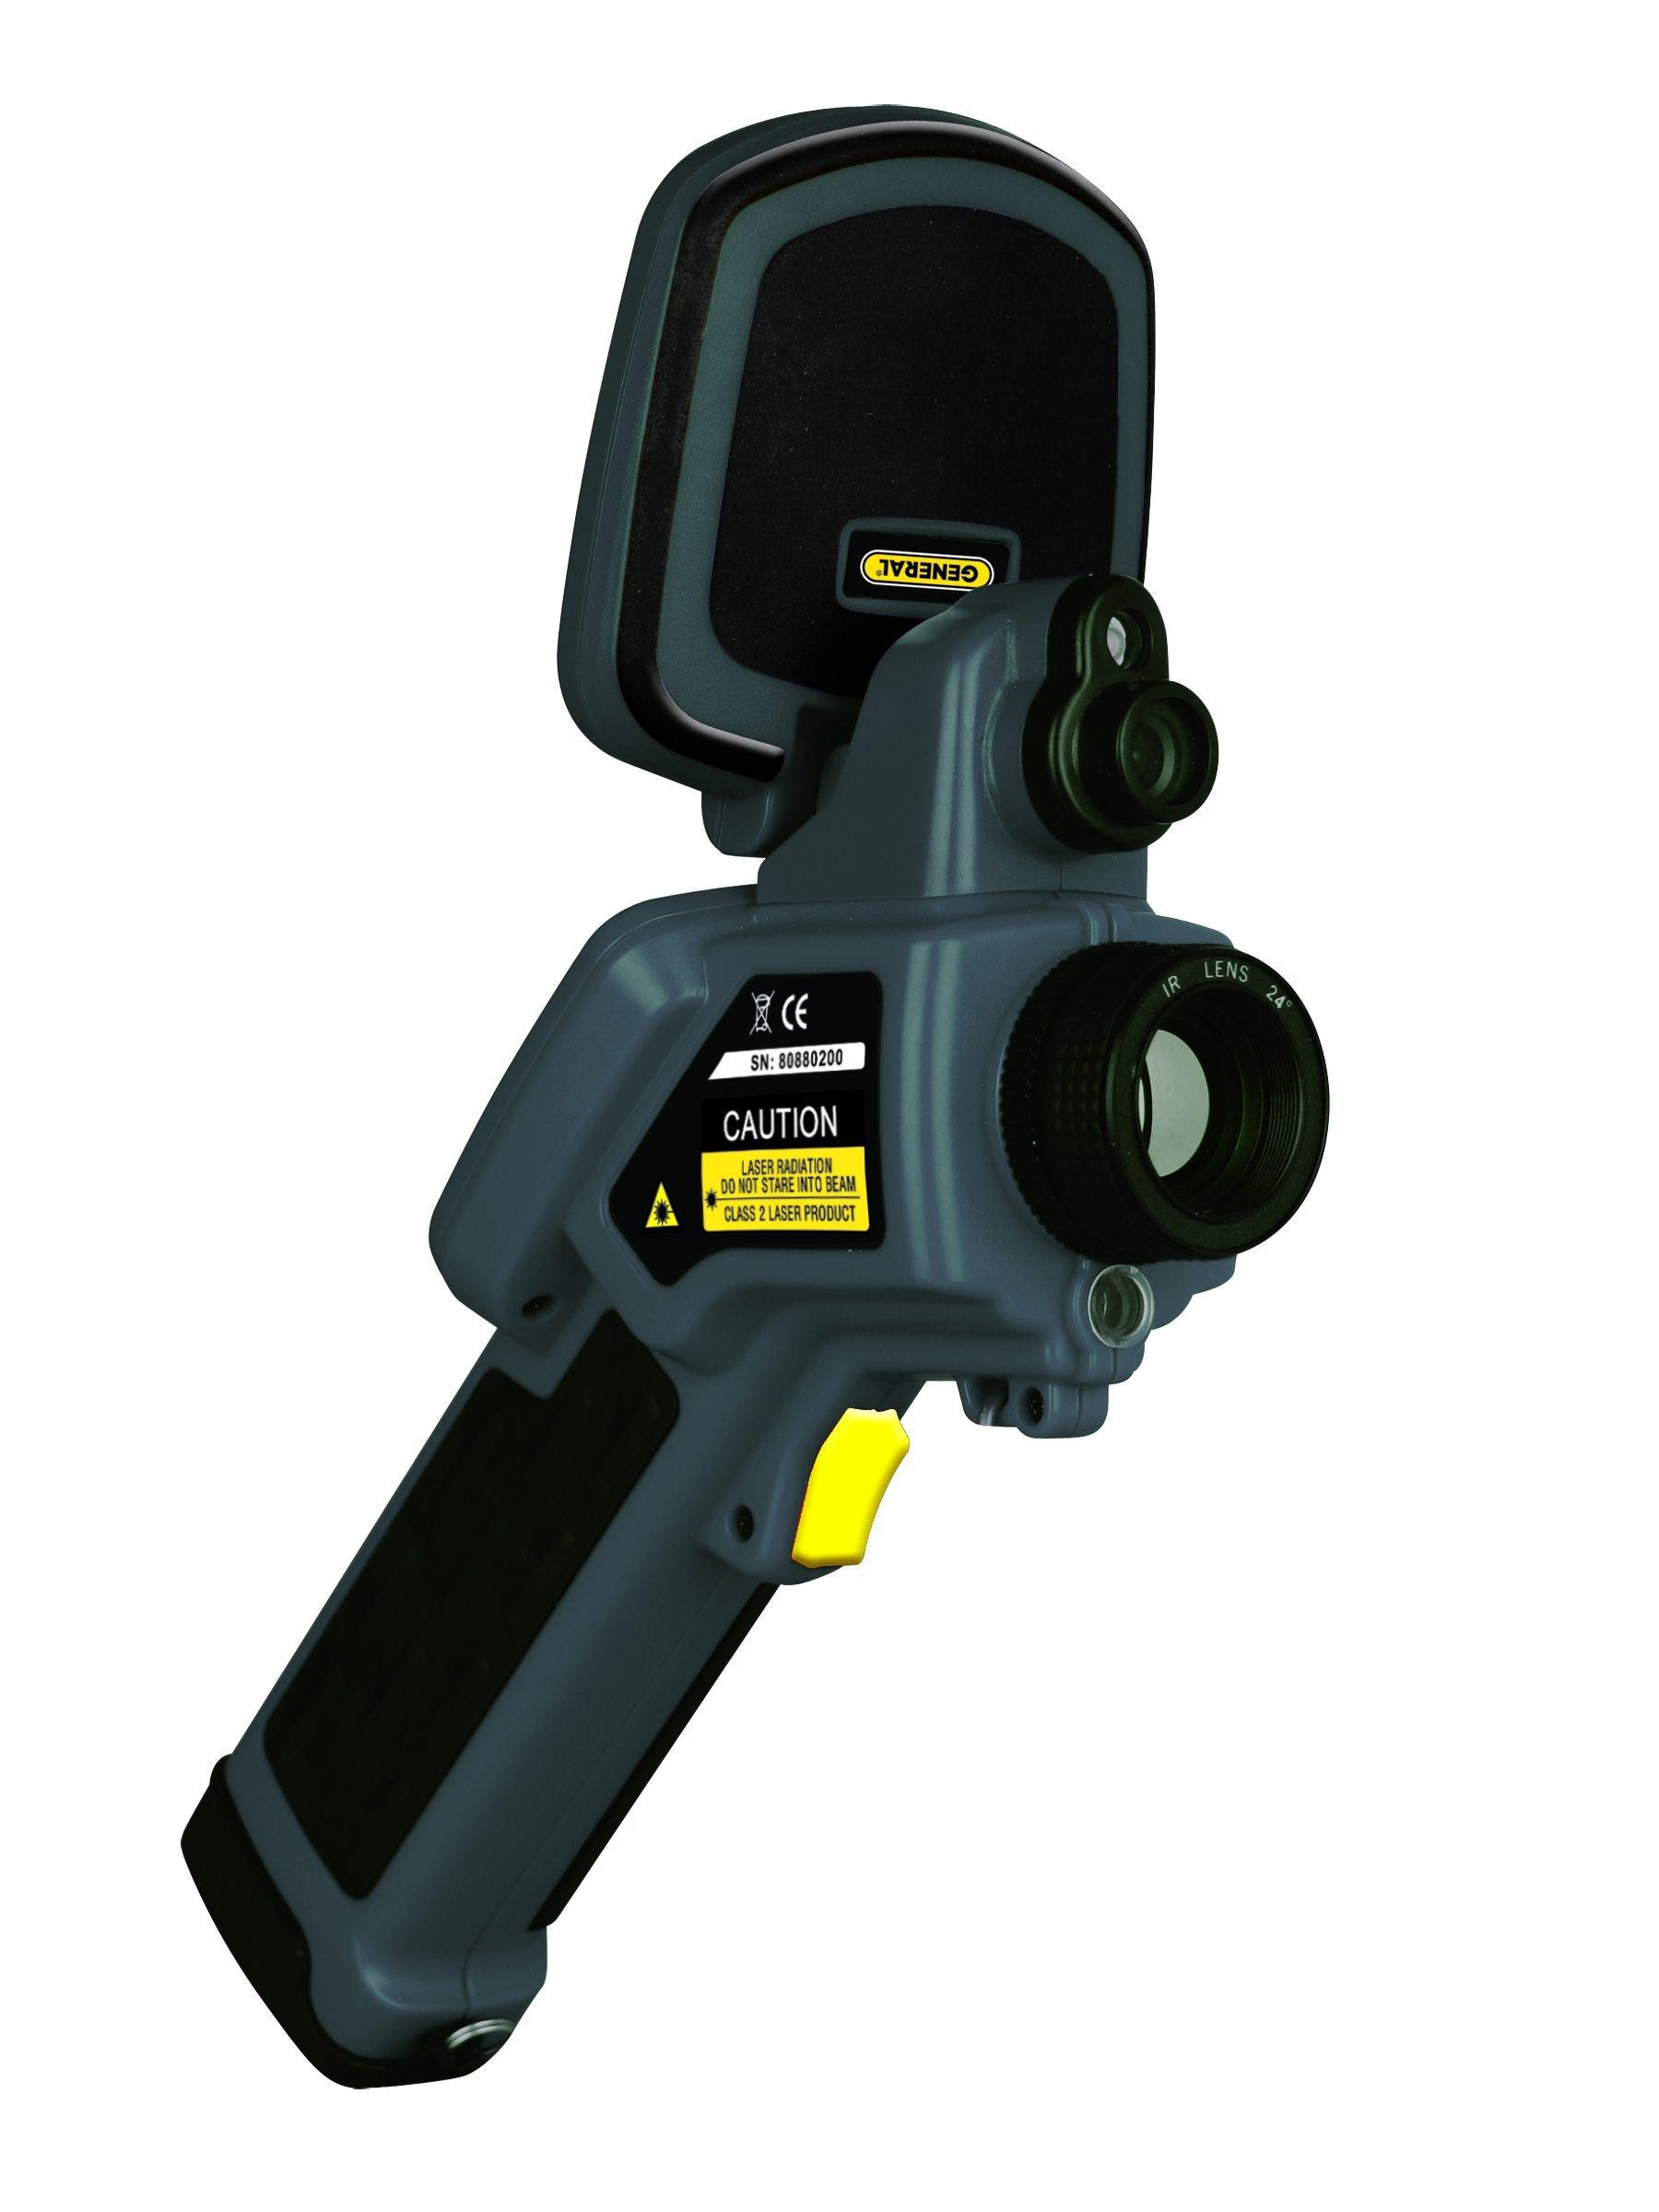 General Tools GTi20 Predator Thermal and Visual Imaging Camera, 160x120 Pixels IR Resolution